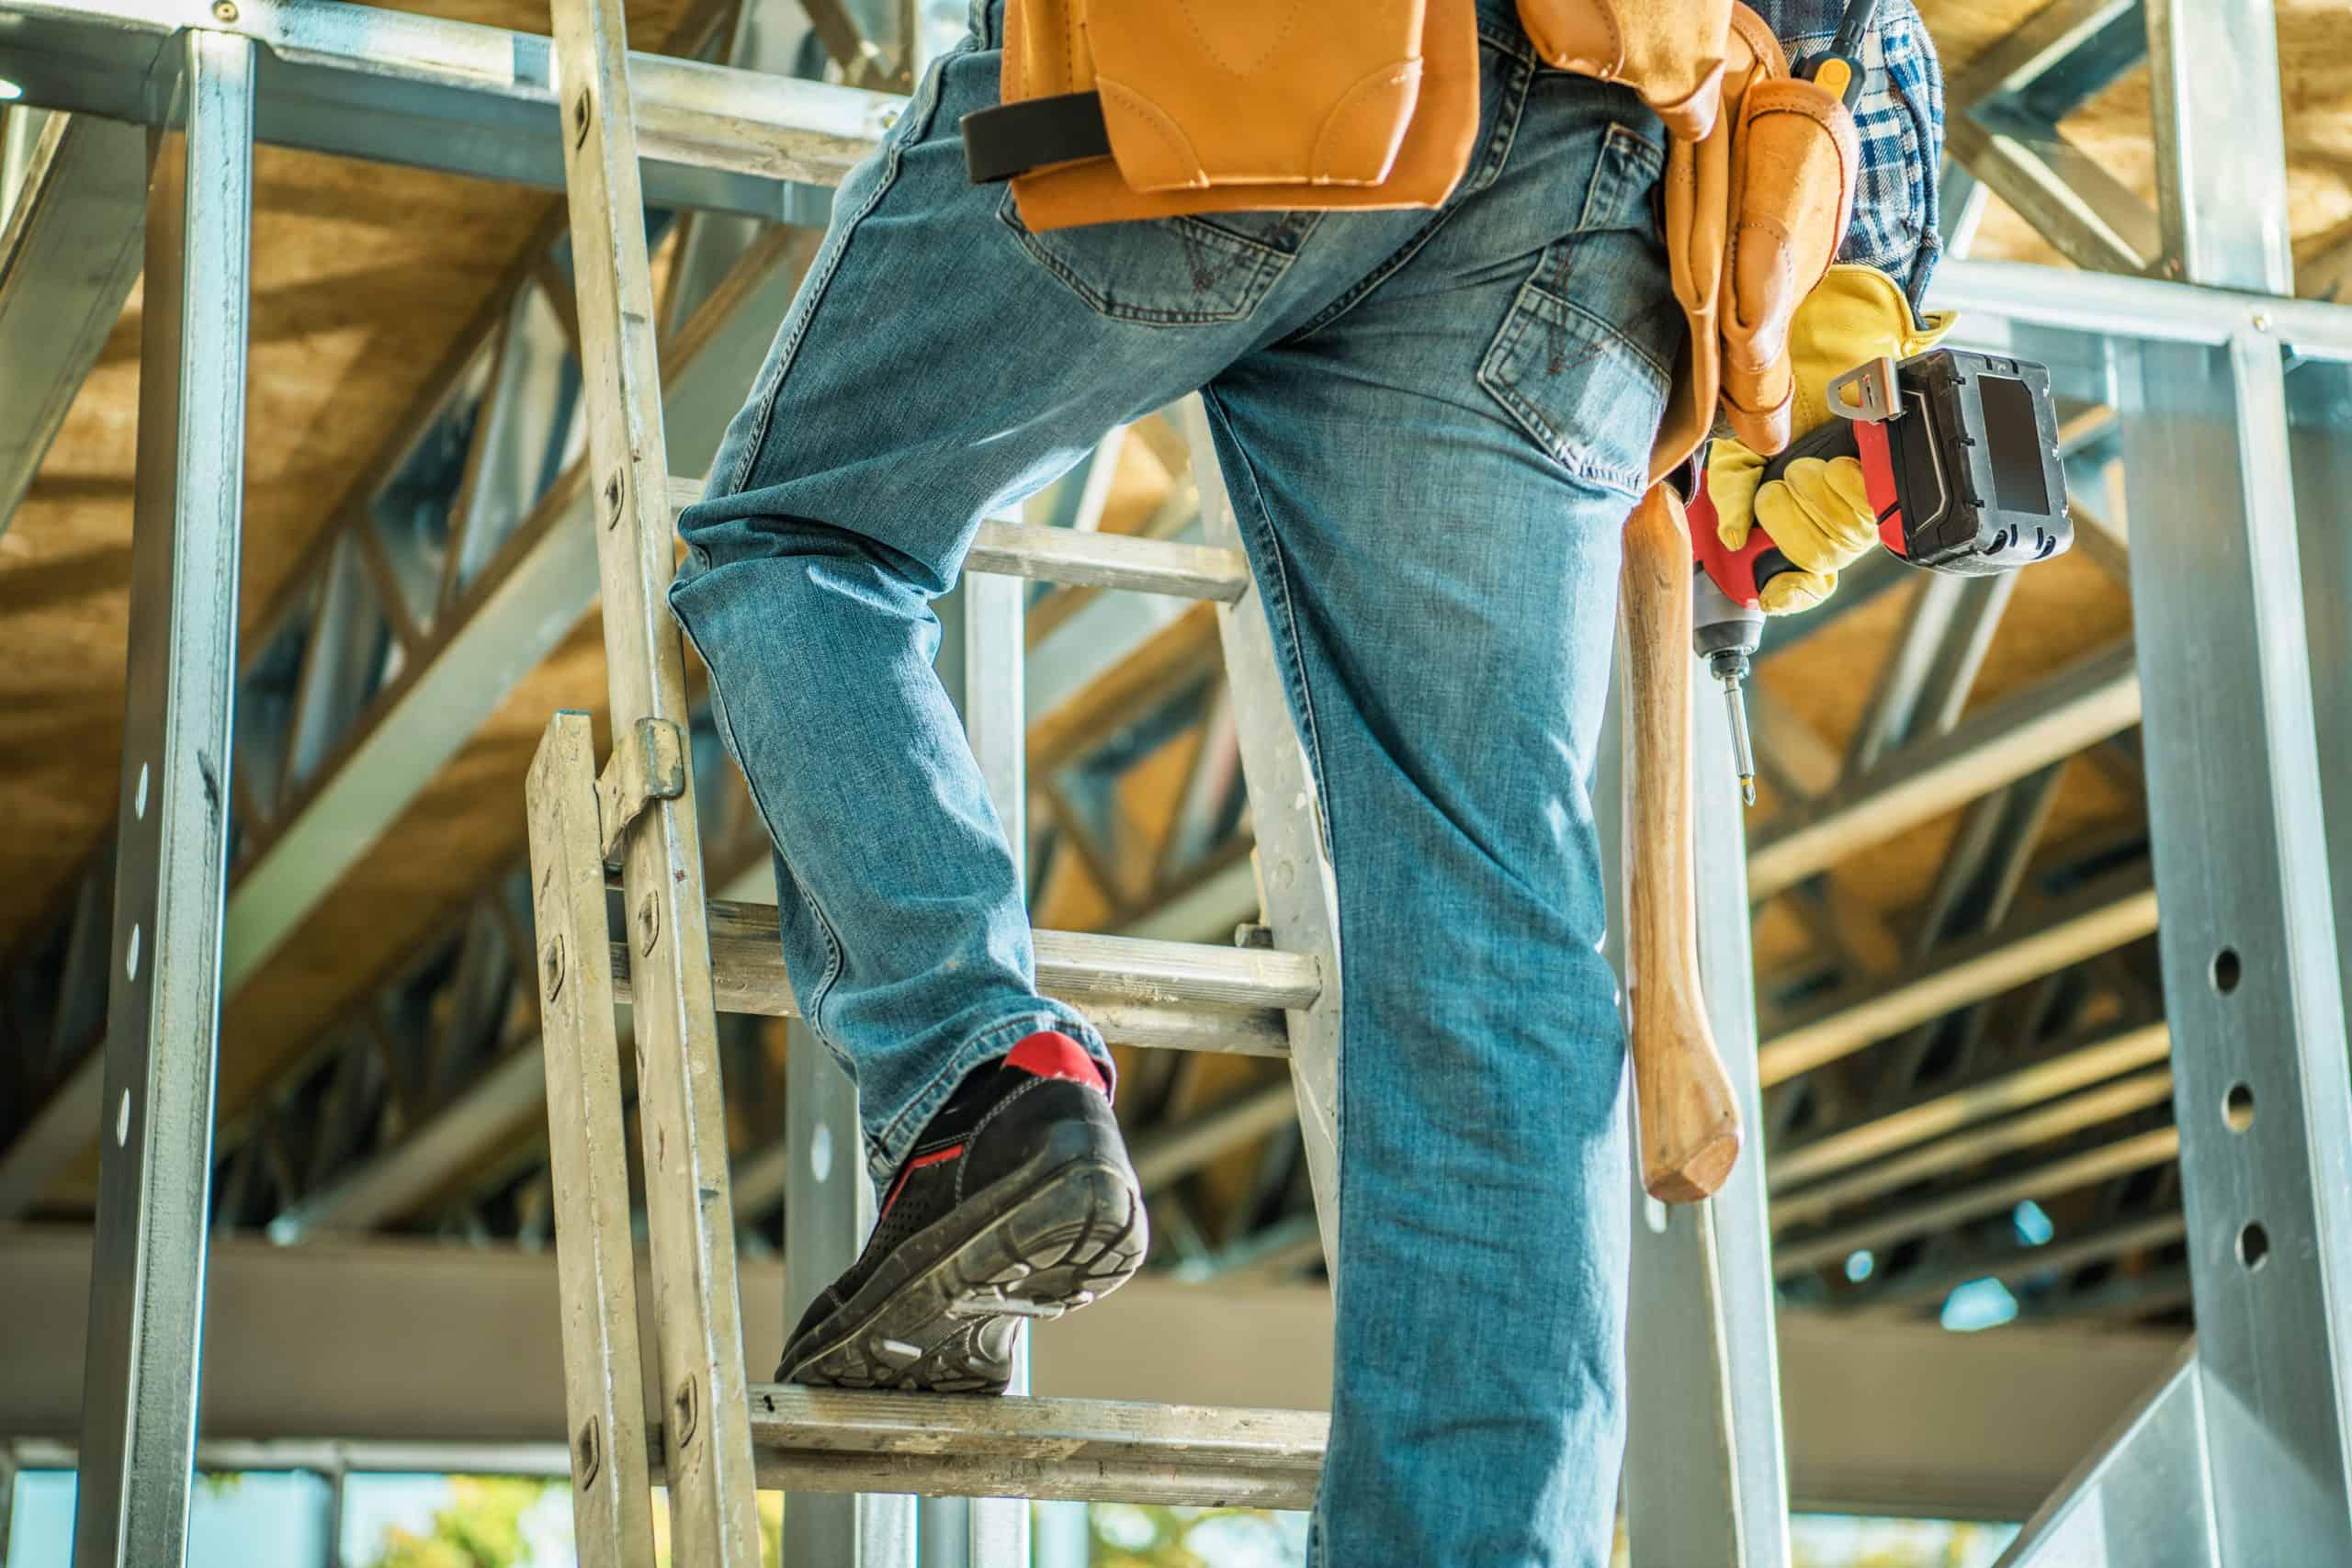 VLVK Veiligheidskeuring Klimmaterialen NEN 2484 NEN 1004